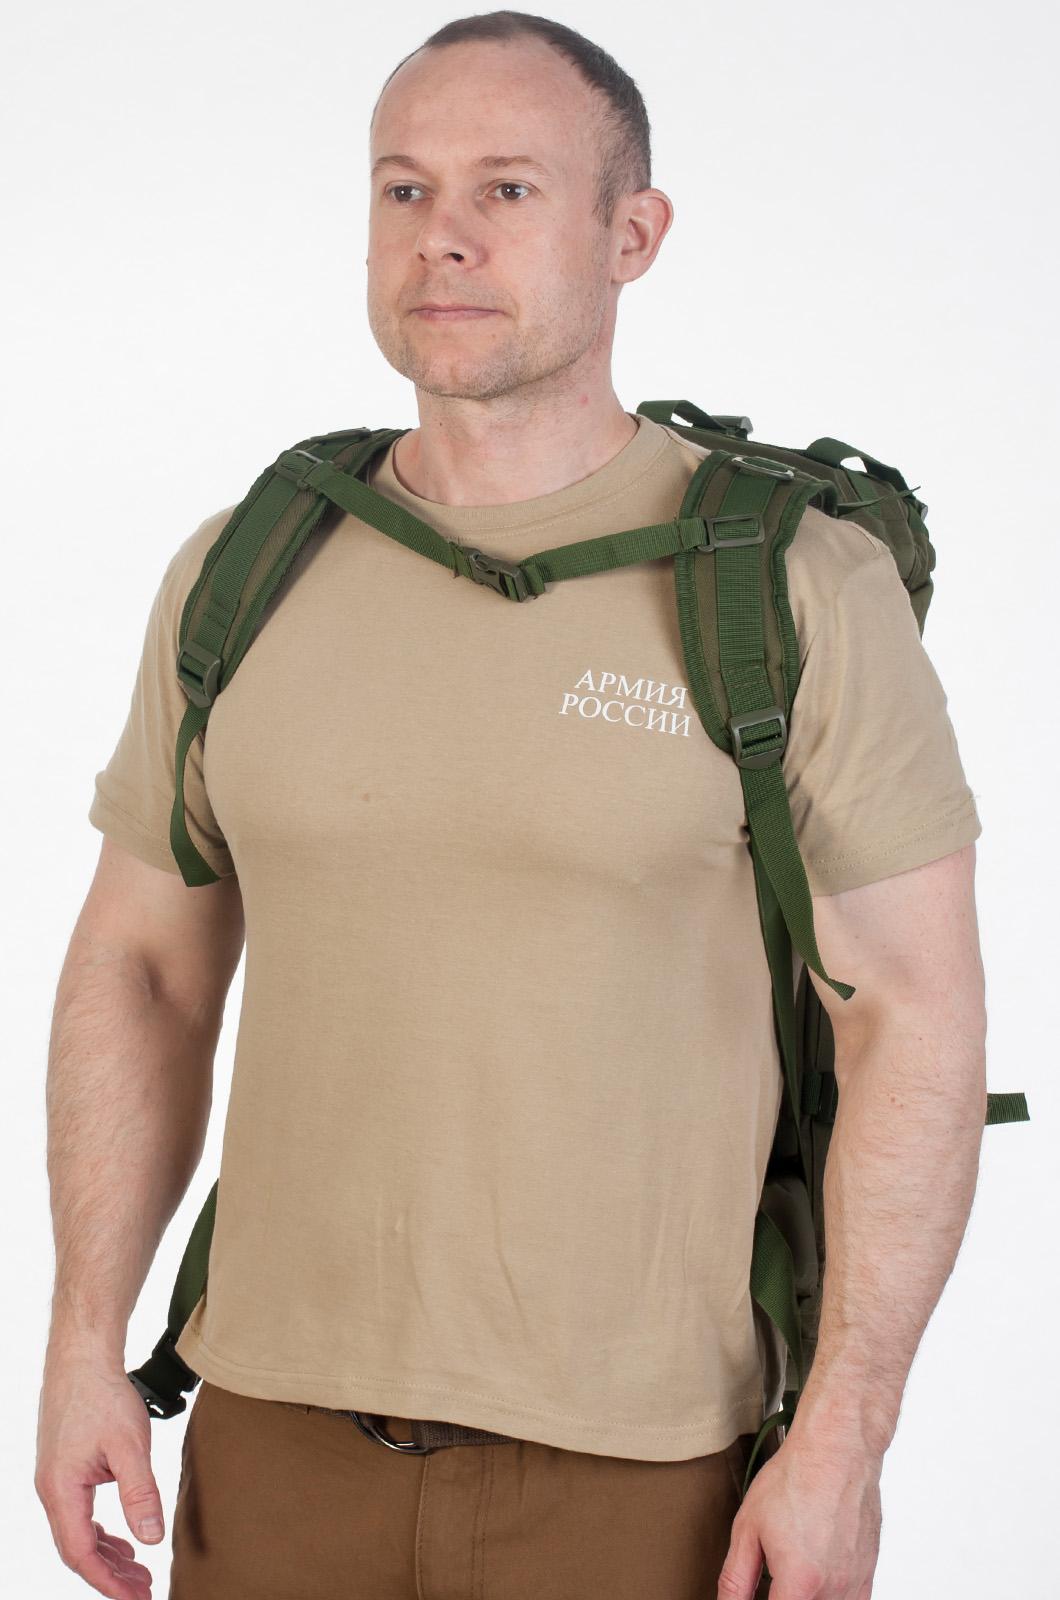 Походный рюкзак охотника с нашивкой НИ ПУХА, НИ ПЕРА! - заказать по низкой цене